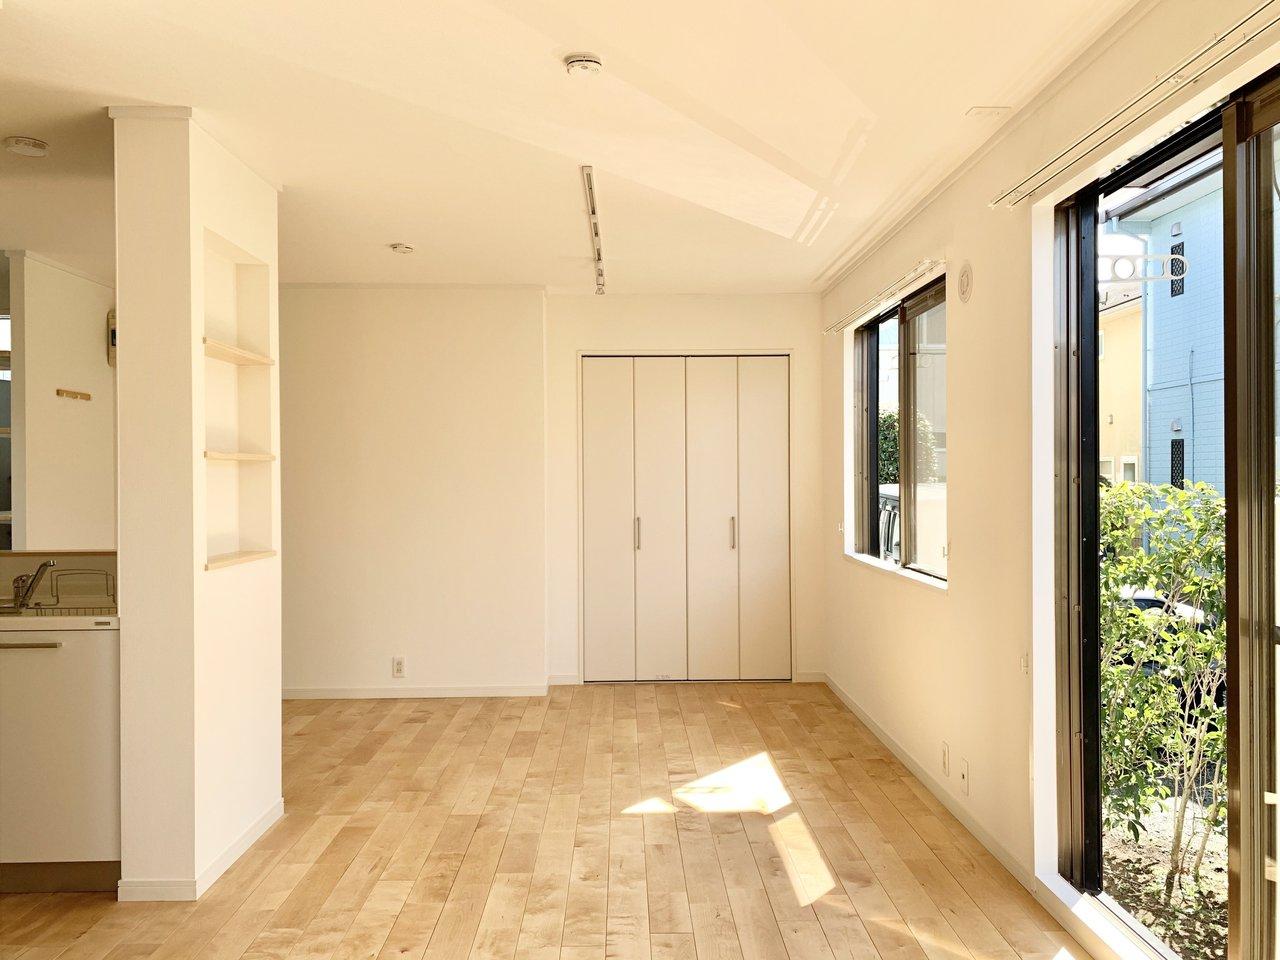 床面にはパーチの無垢材を使用しています。部屋全体が明るい印象になるのが特徴です。